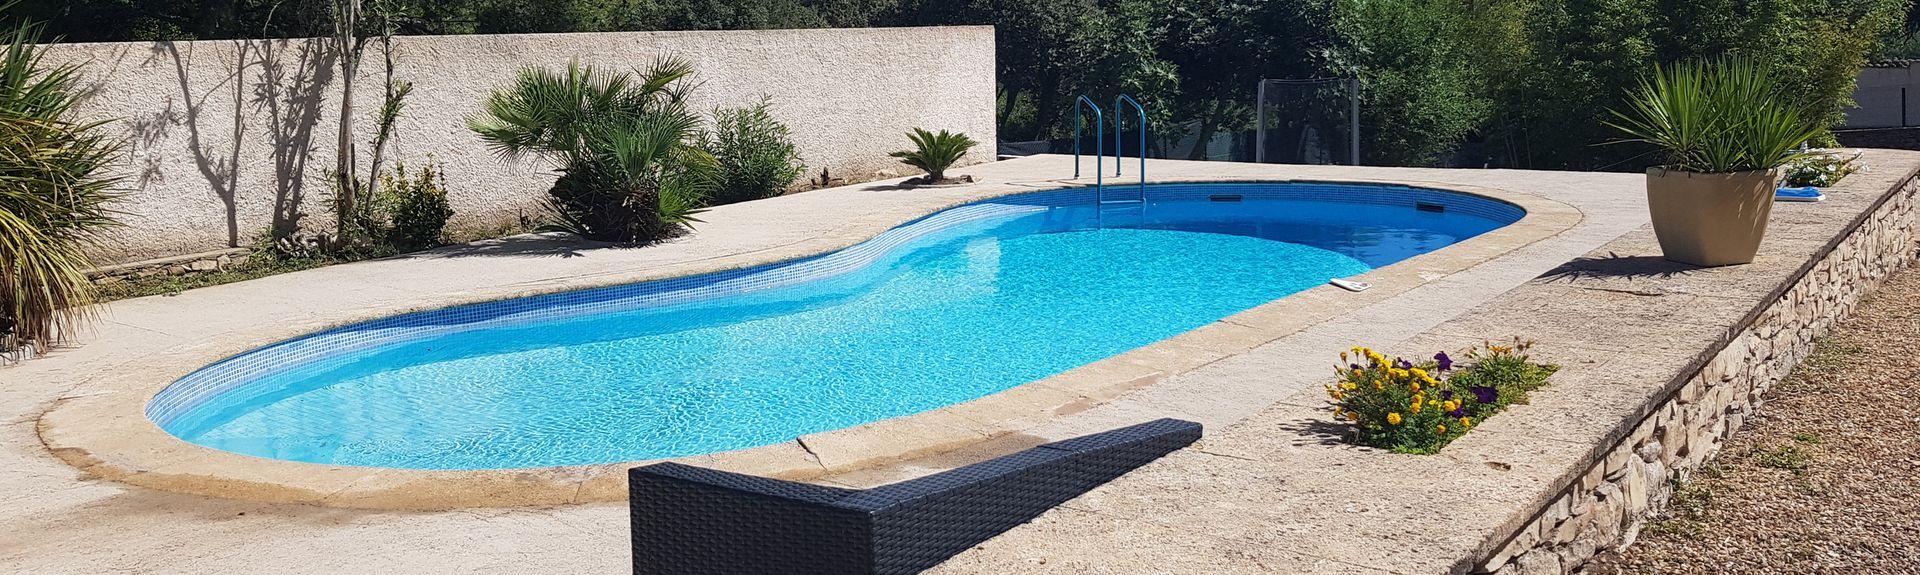 Grézan, Nîmes, Occitanie, Frankrig